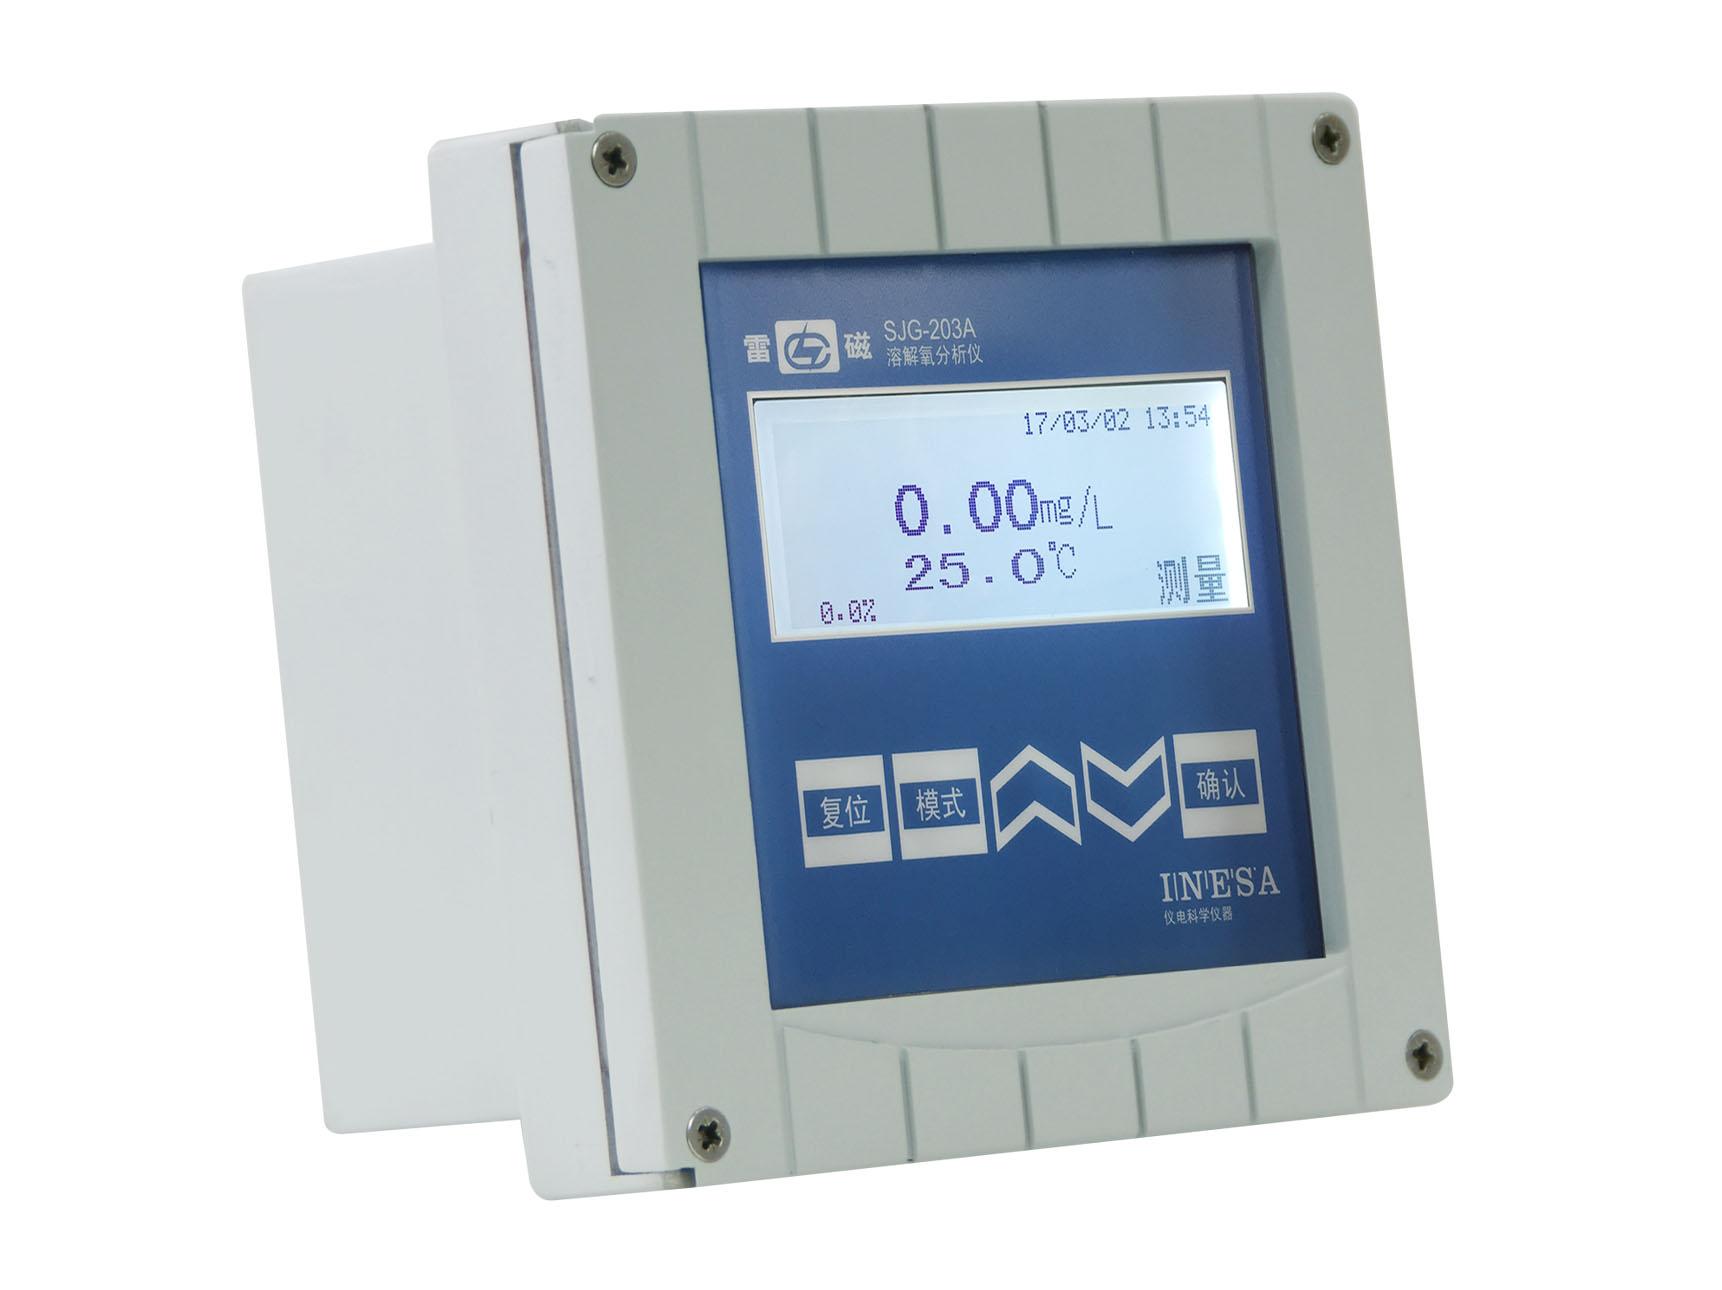 上海雷磁SJG-203A溶解氧分析仪